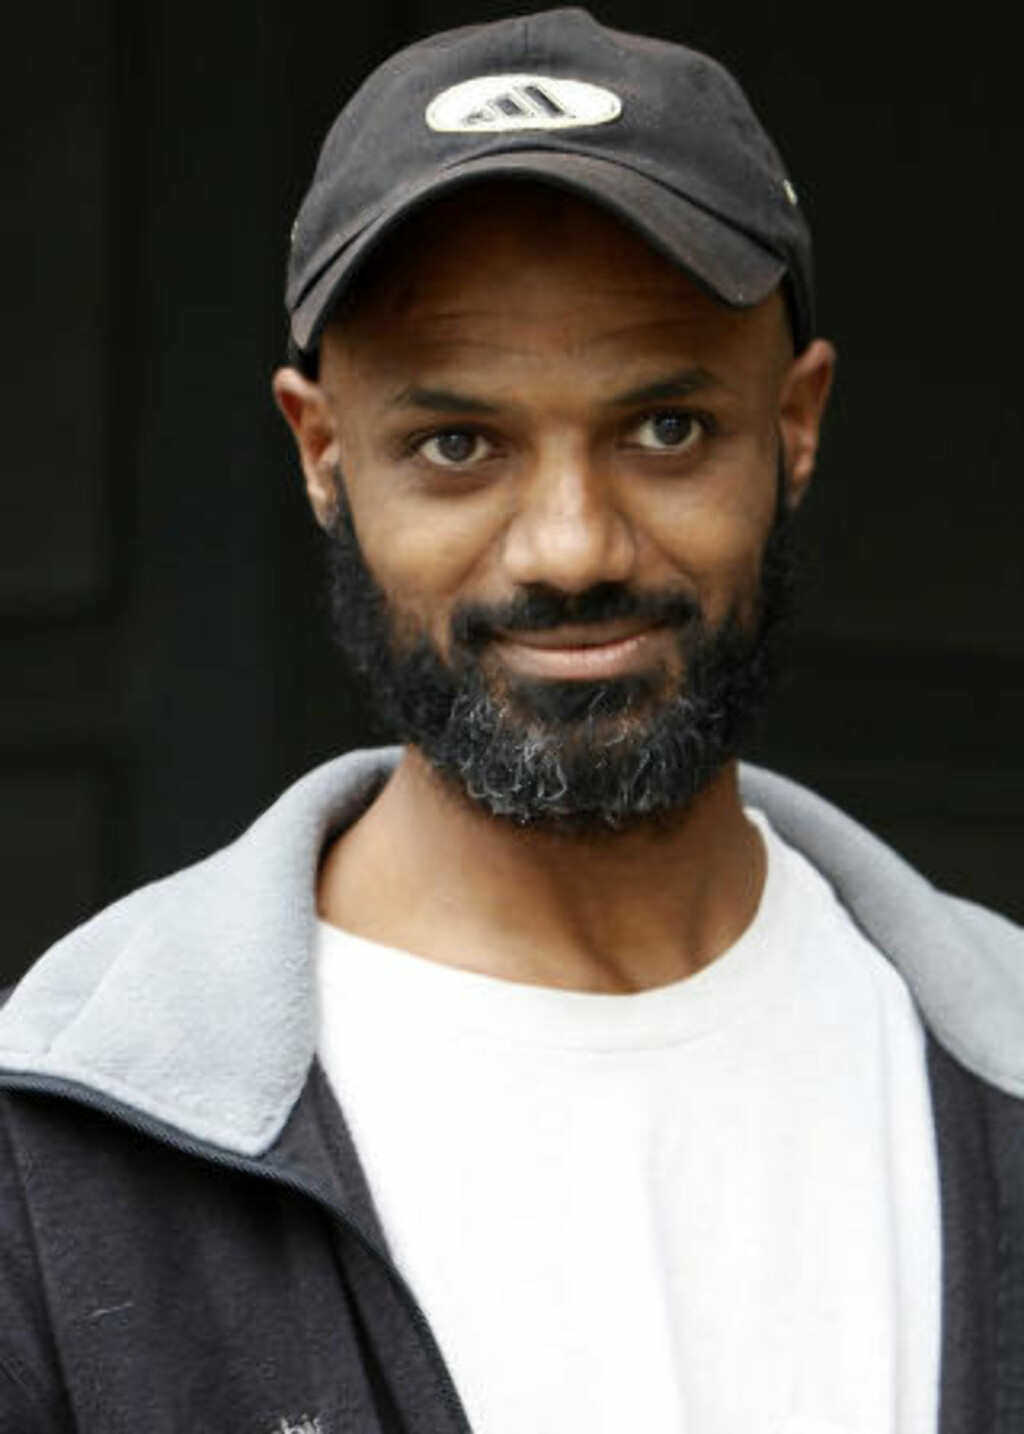 SJU ÅR I FENGSEL: Tidligere Guantanamo-fange Binyam Mohamed er nå fri i London, men ble torturert og holdt i fengsel i sju år av amerikanske styrker. Foto: Stefan Wermuth/REUTERS